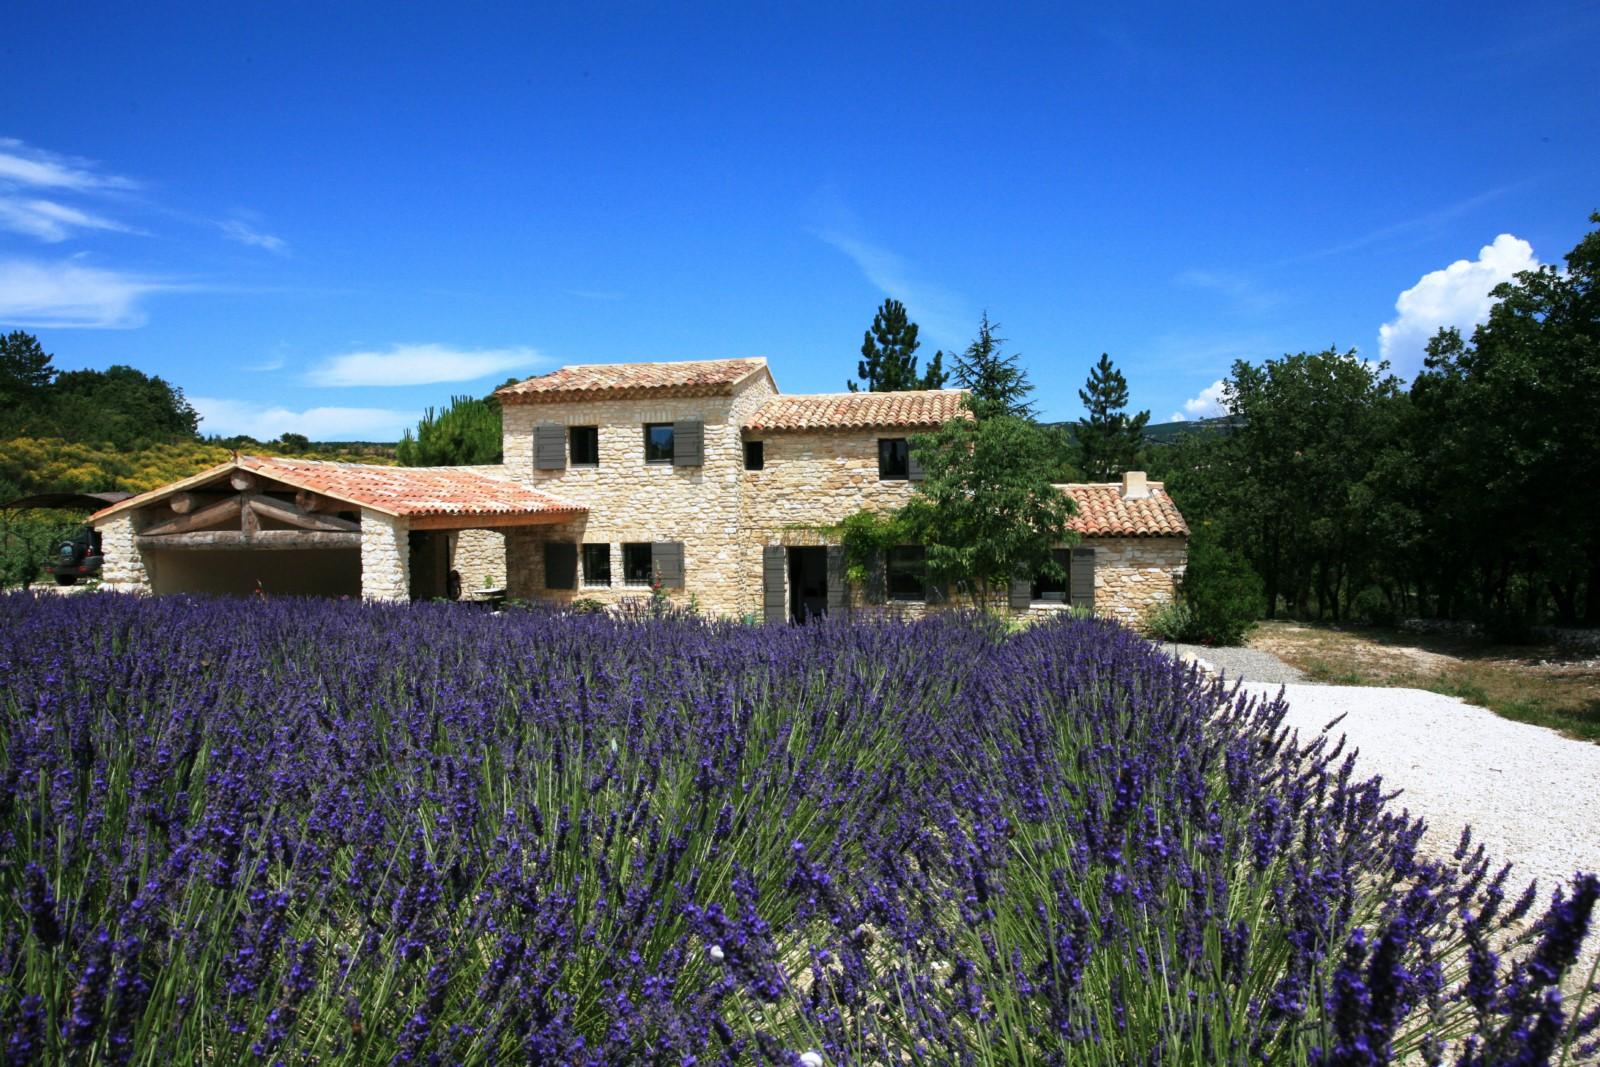 Lavande et autres essences Provençales